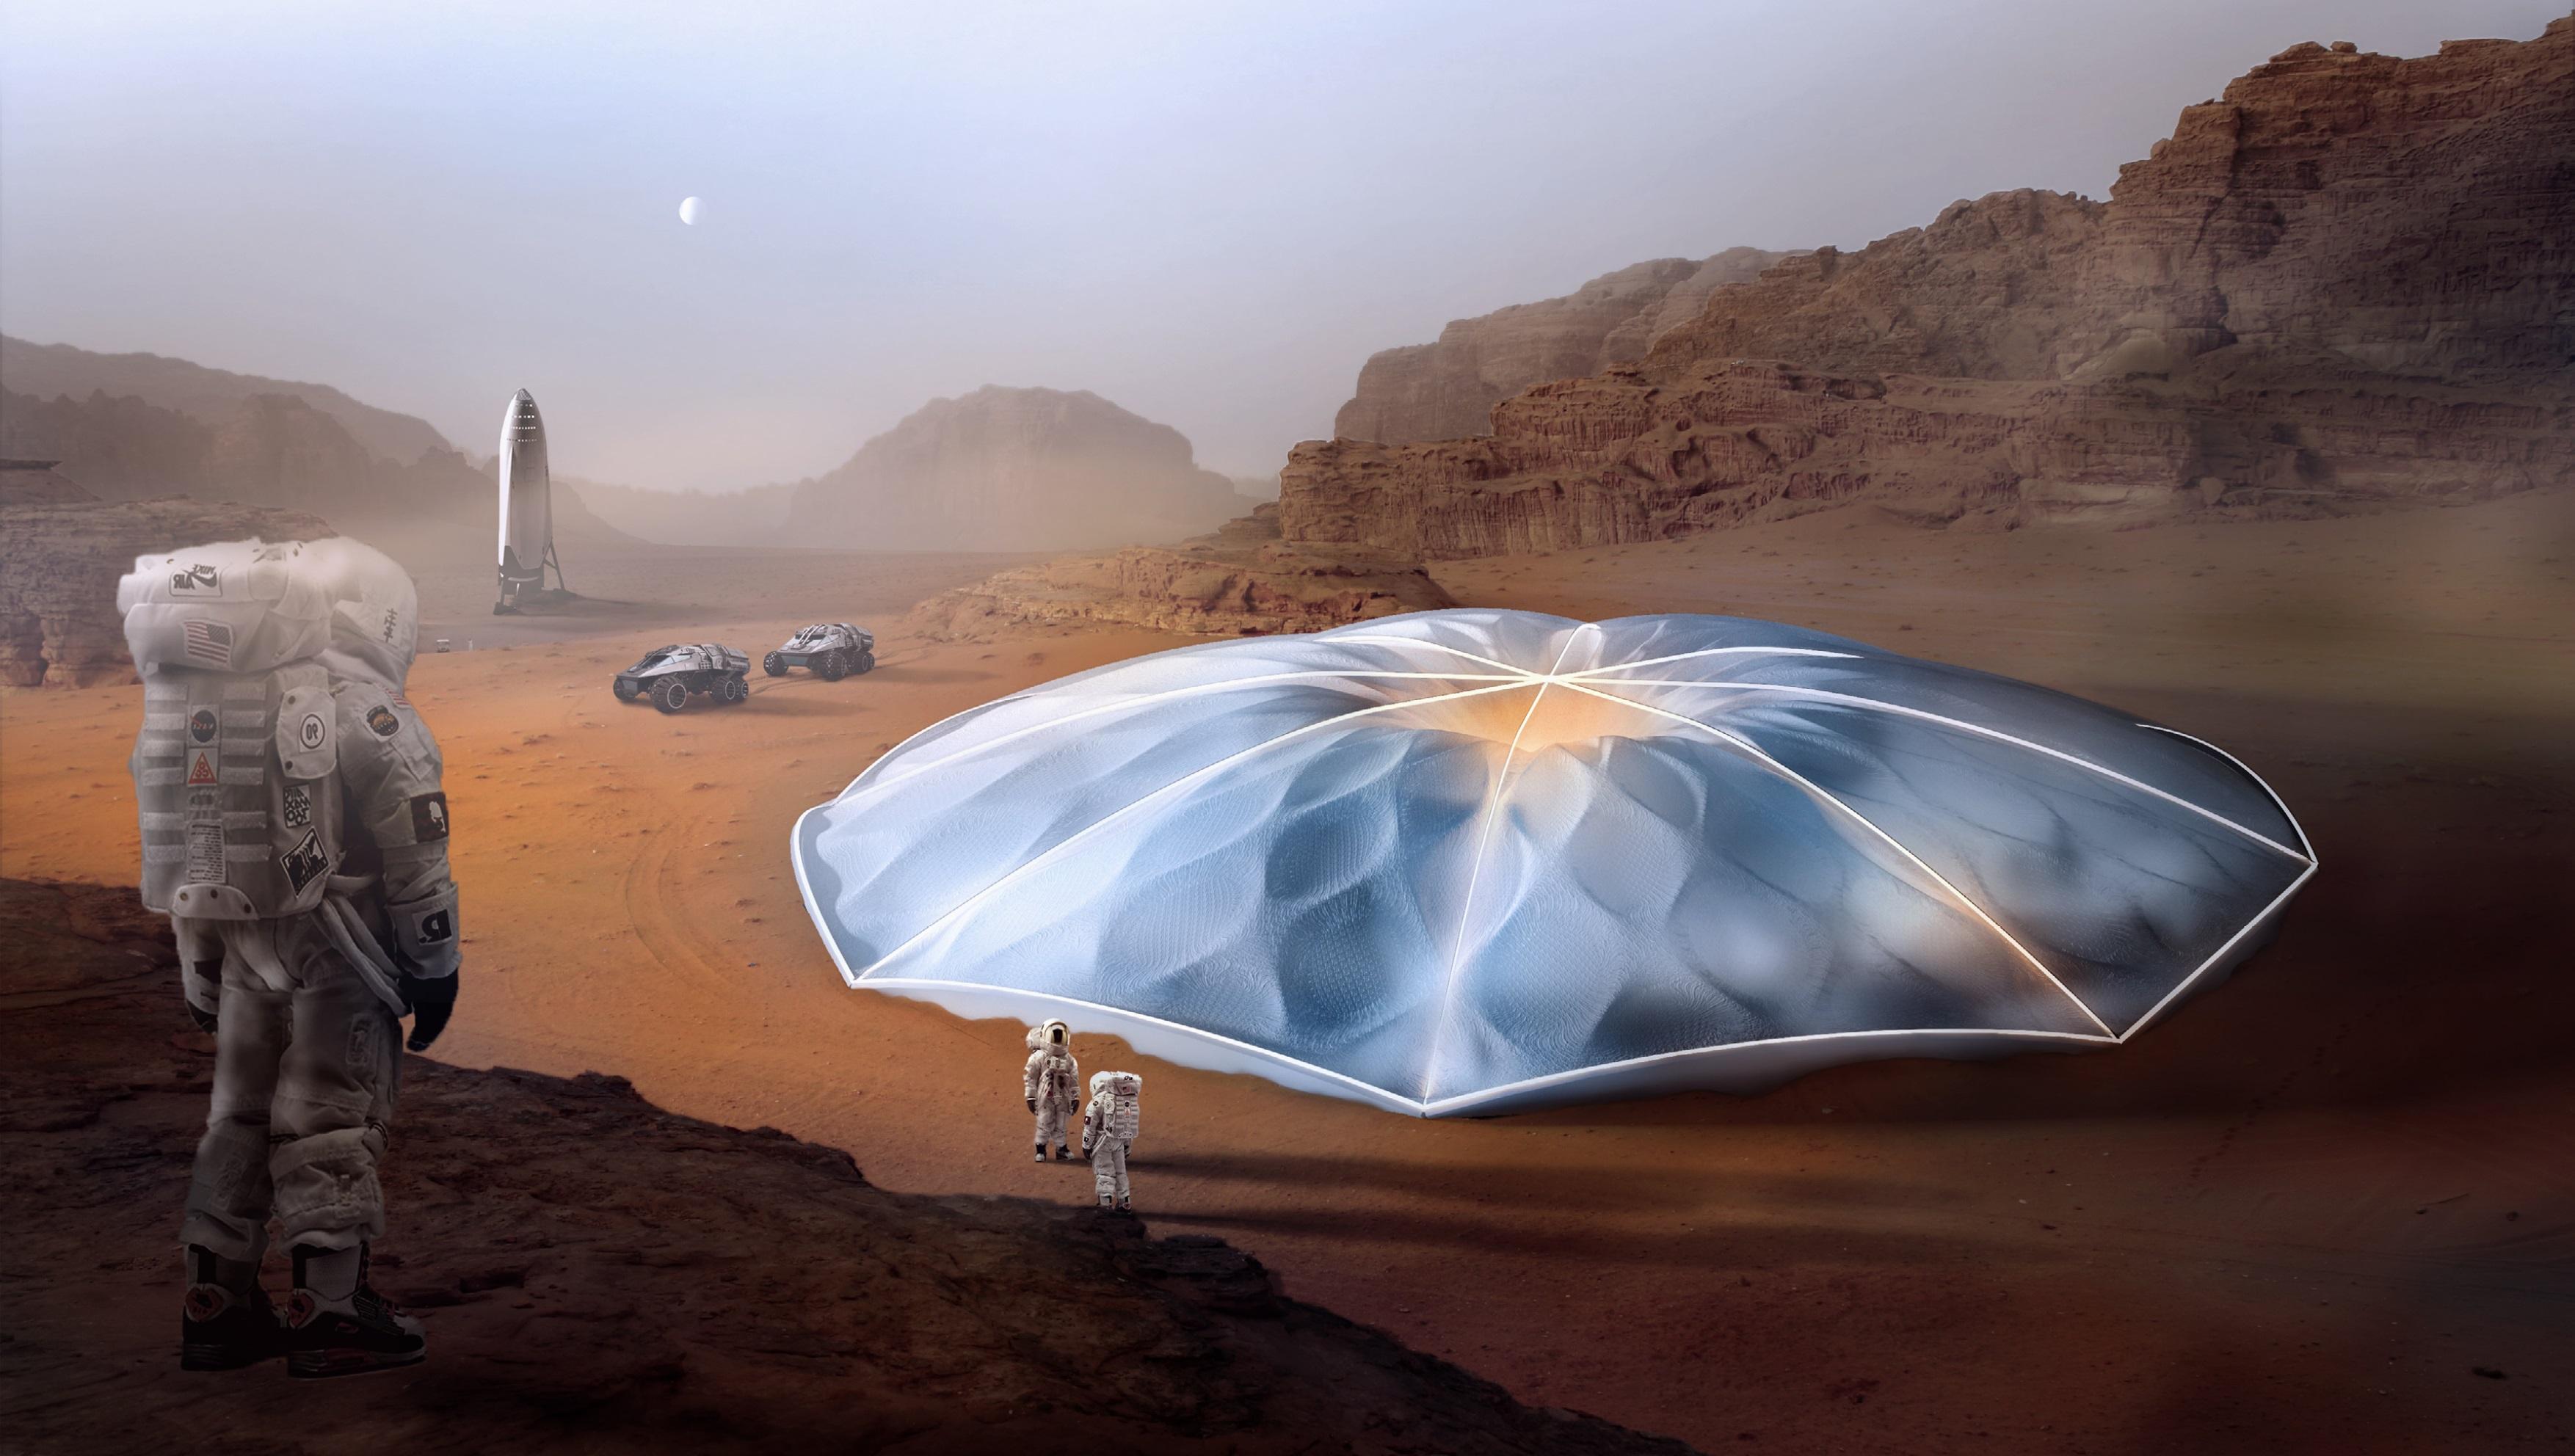 Mars - Habitat